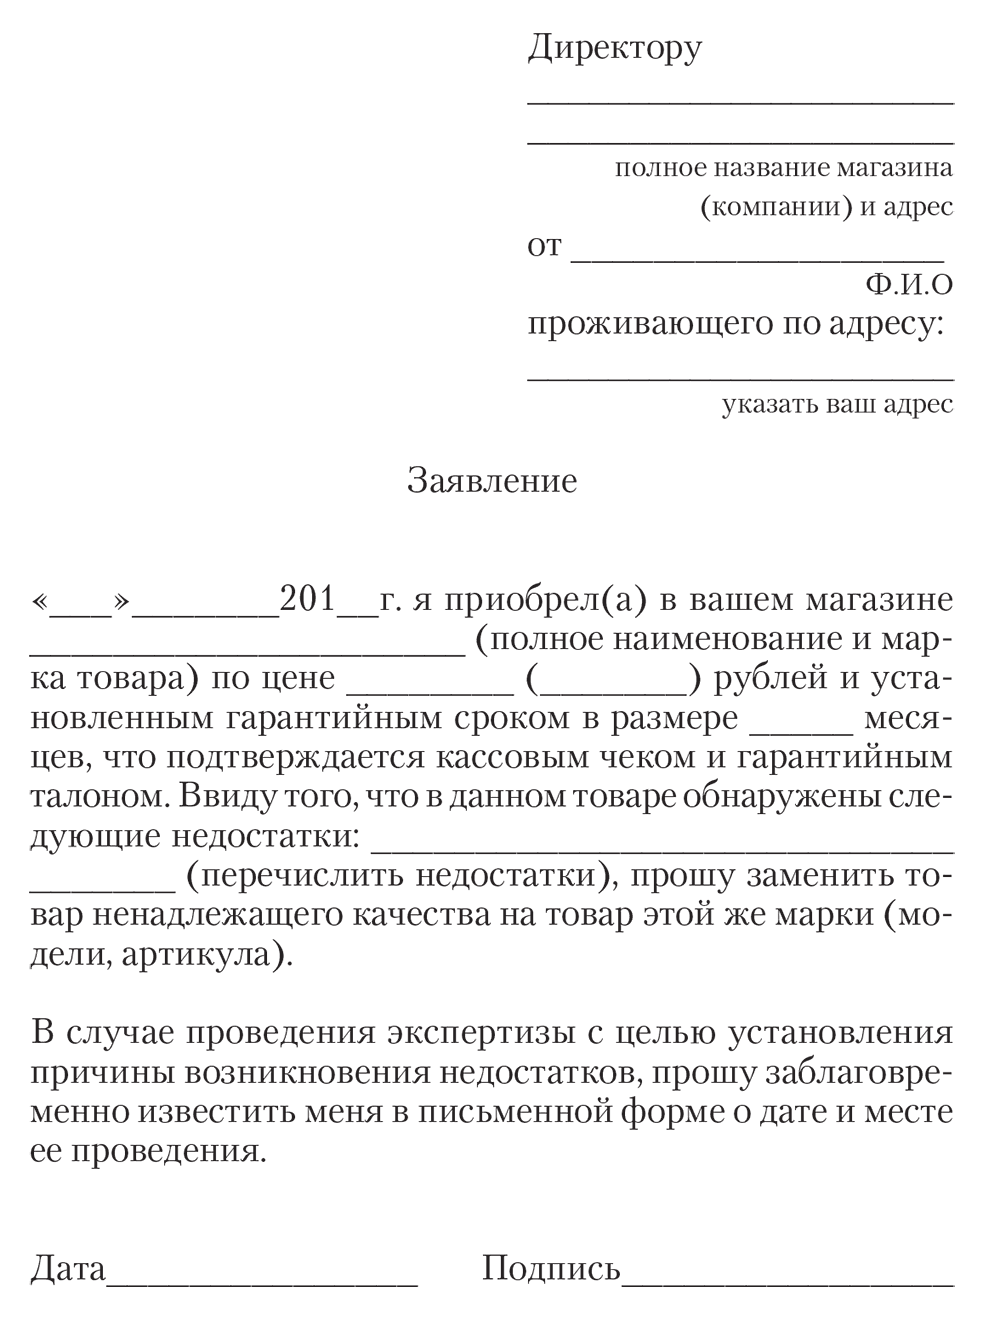 Www.arbitr.ru копия исковое заявление в арбитражный суд